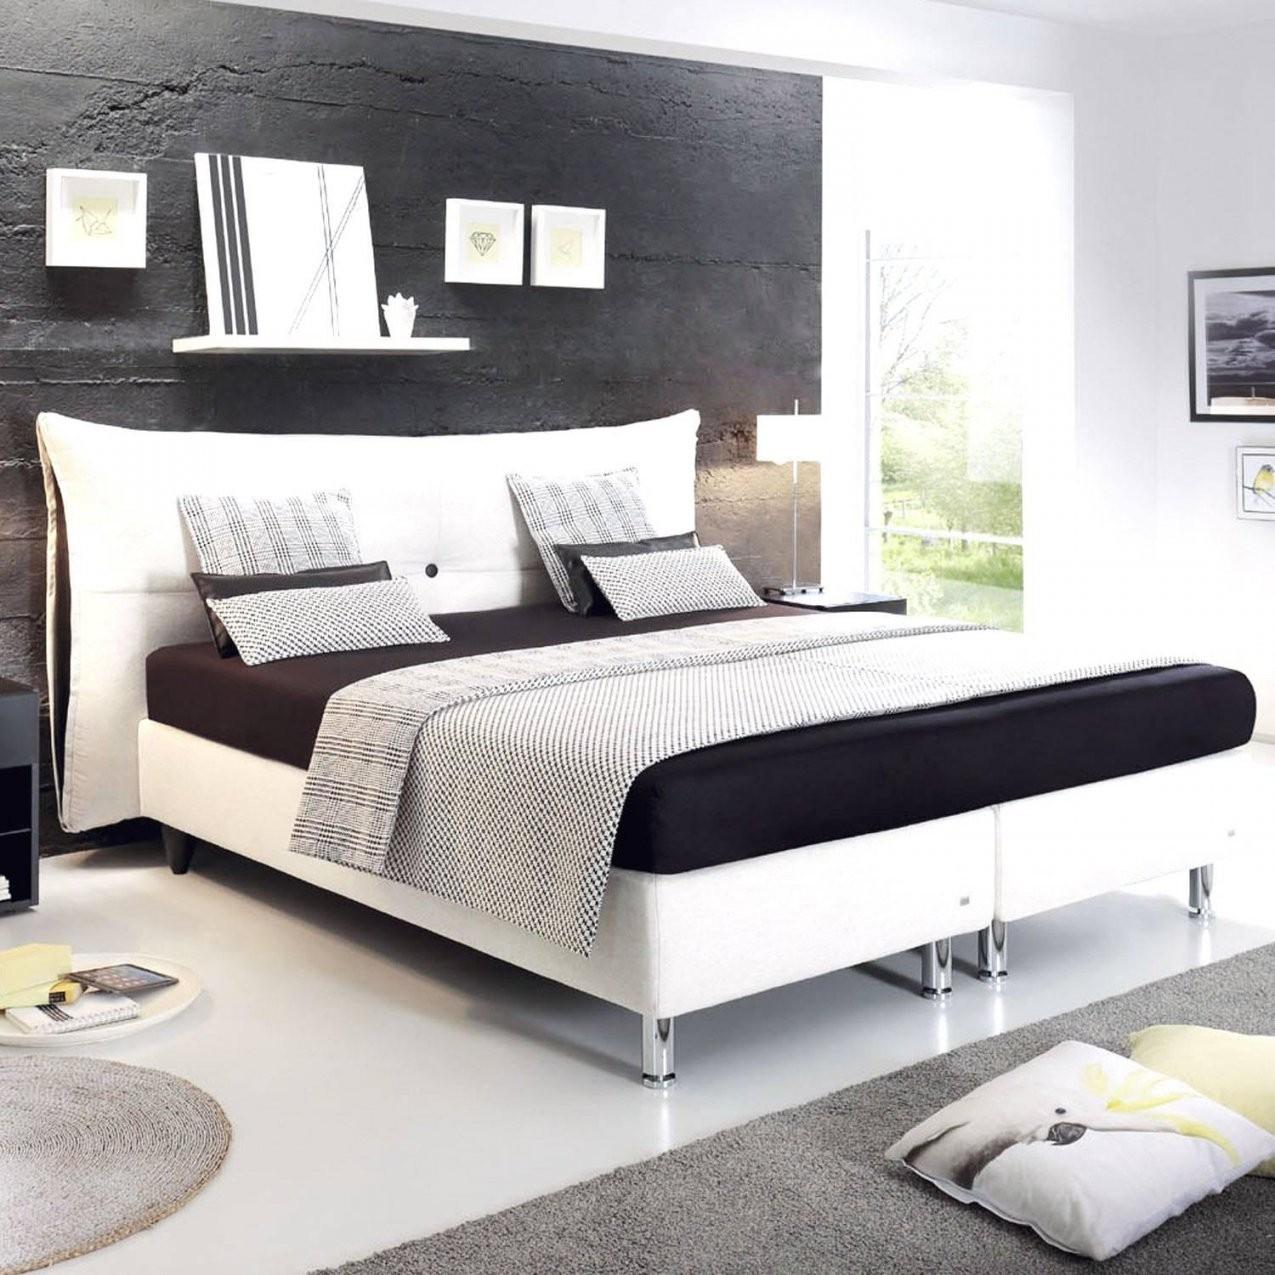 Ruf Betten Matratzen  Huambodigital von Ruf Betten Matratzen Bild